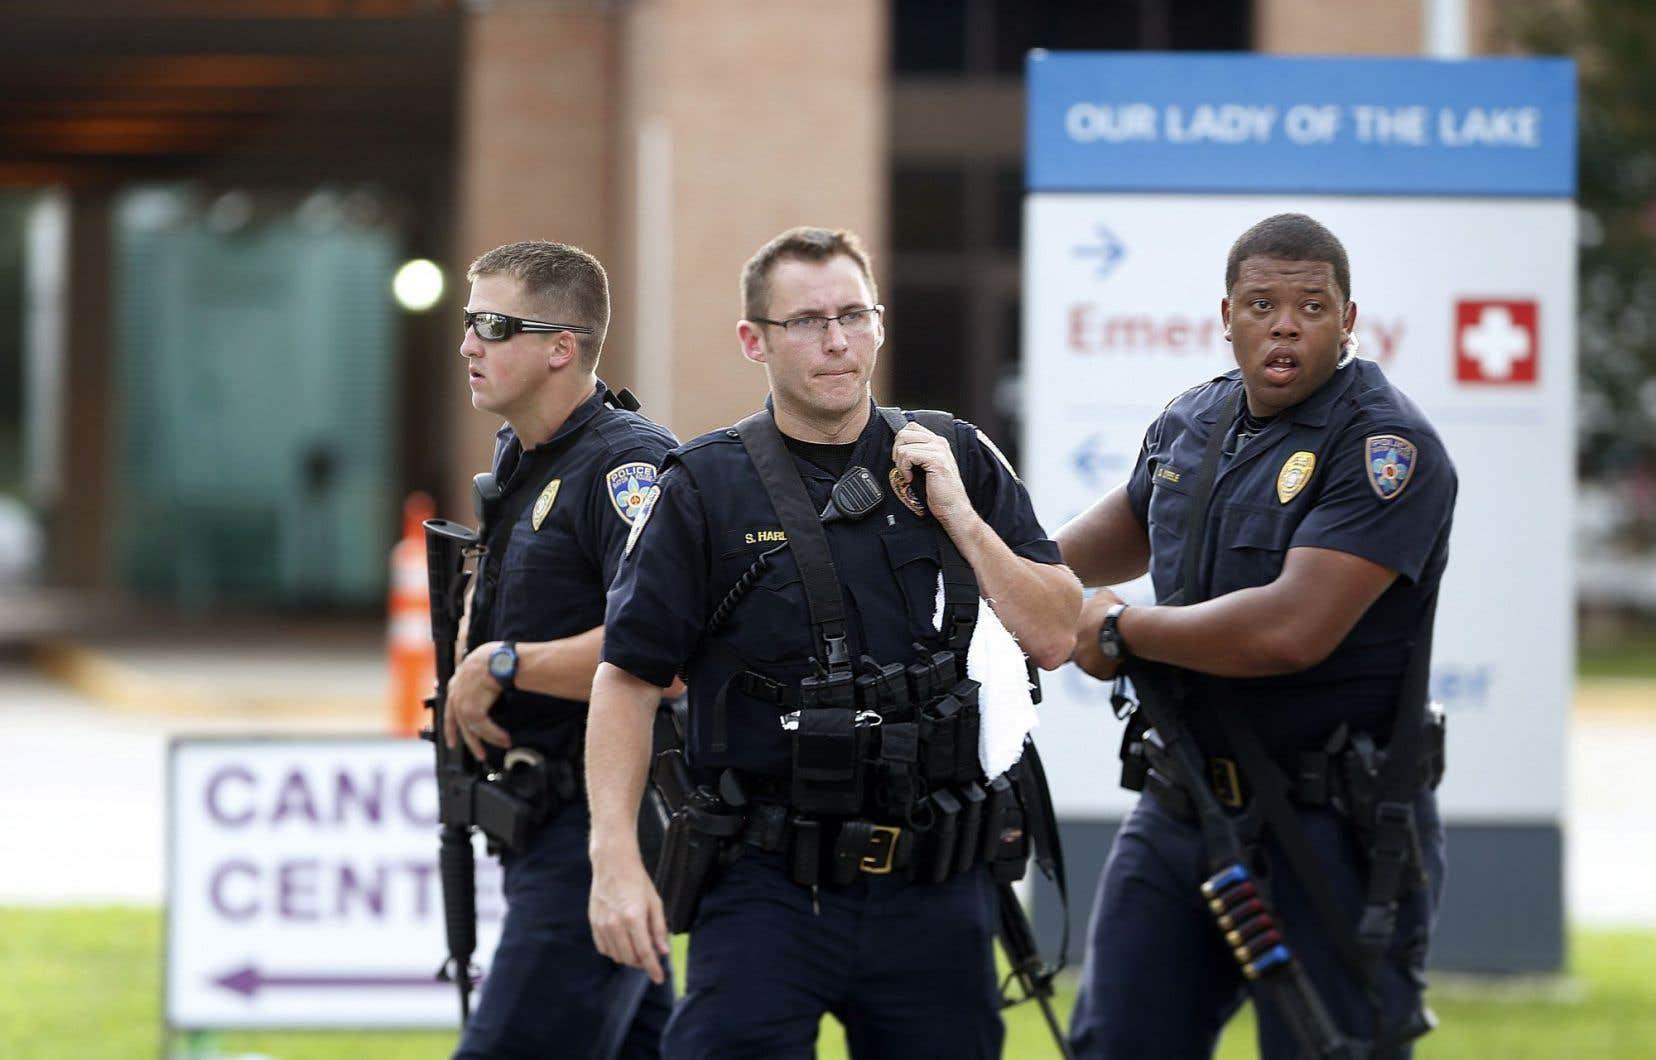 Des policiers gardaient l'entrée des urgences de l'hôpital où les agents blessés étaient soignés.